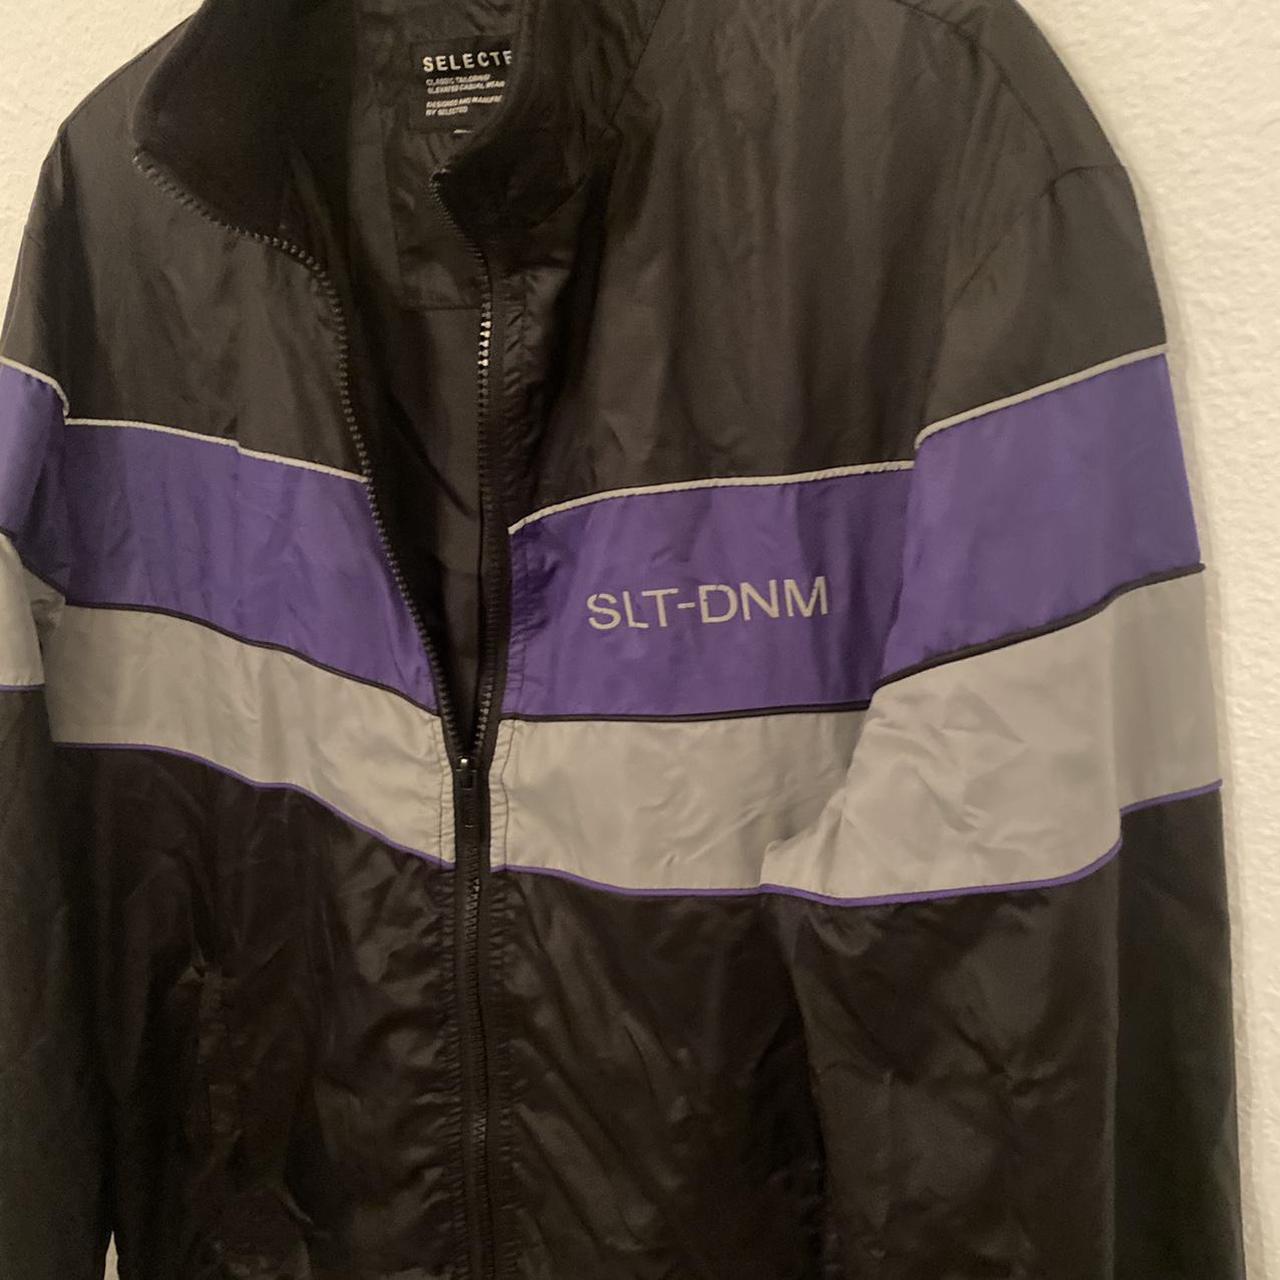 Product Image 1 - Men's windbreaker/bomber jacket   No size